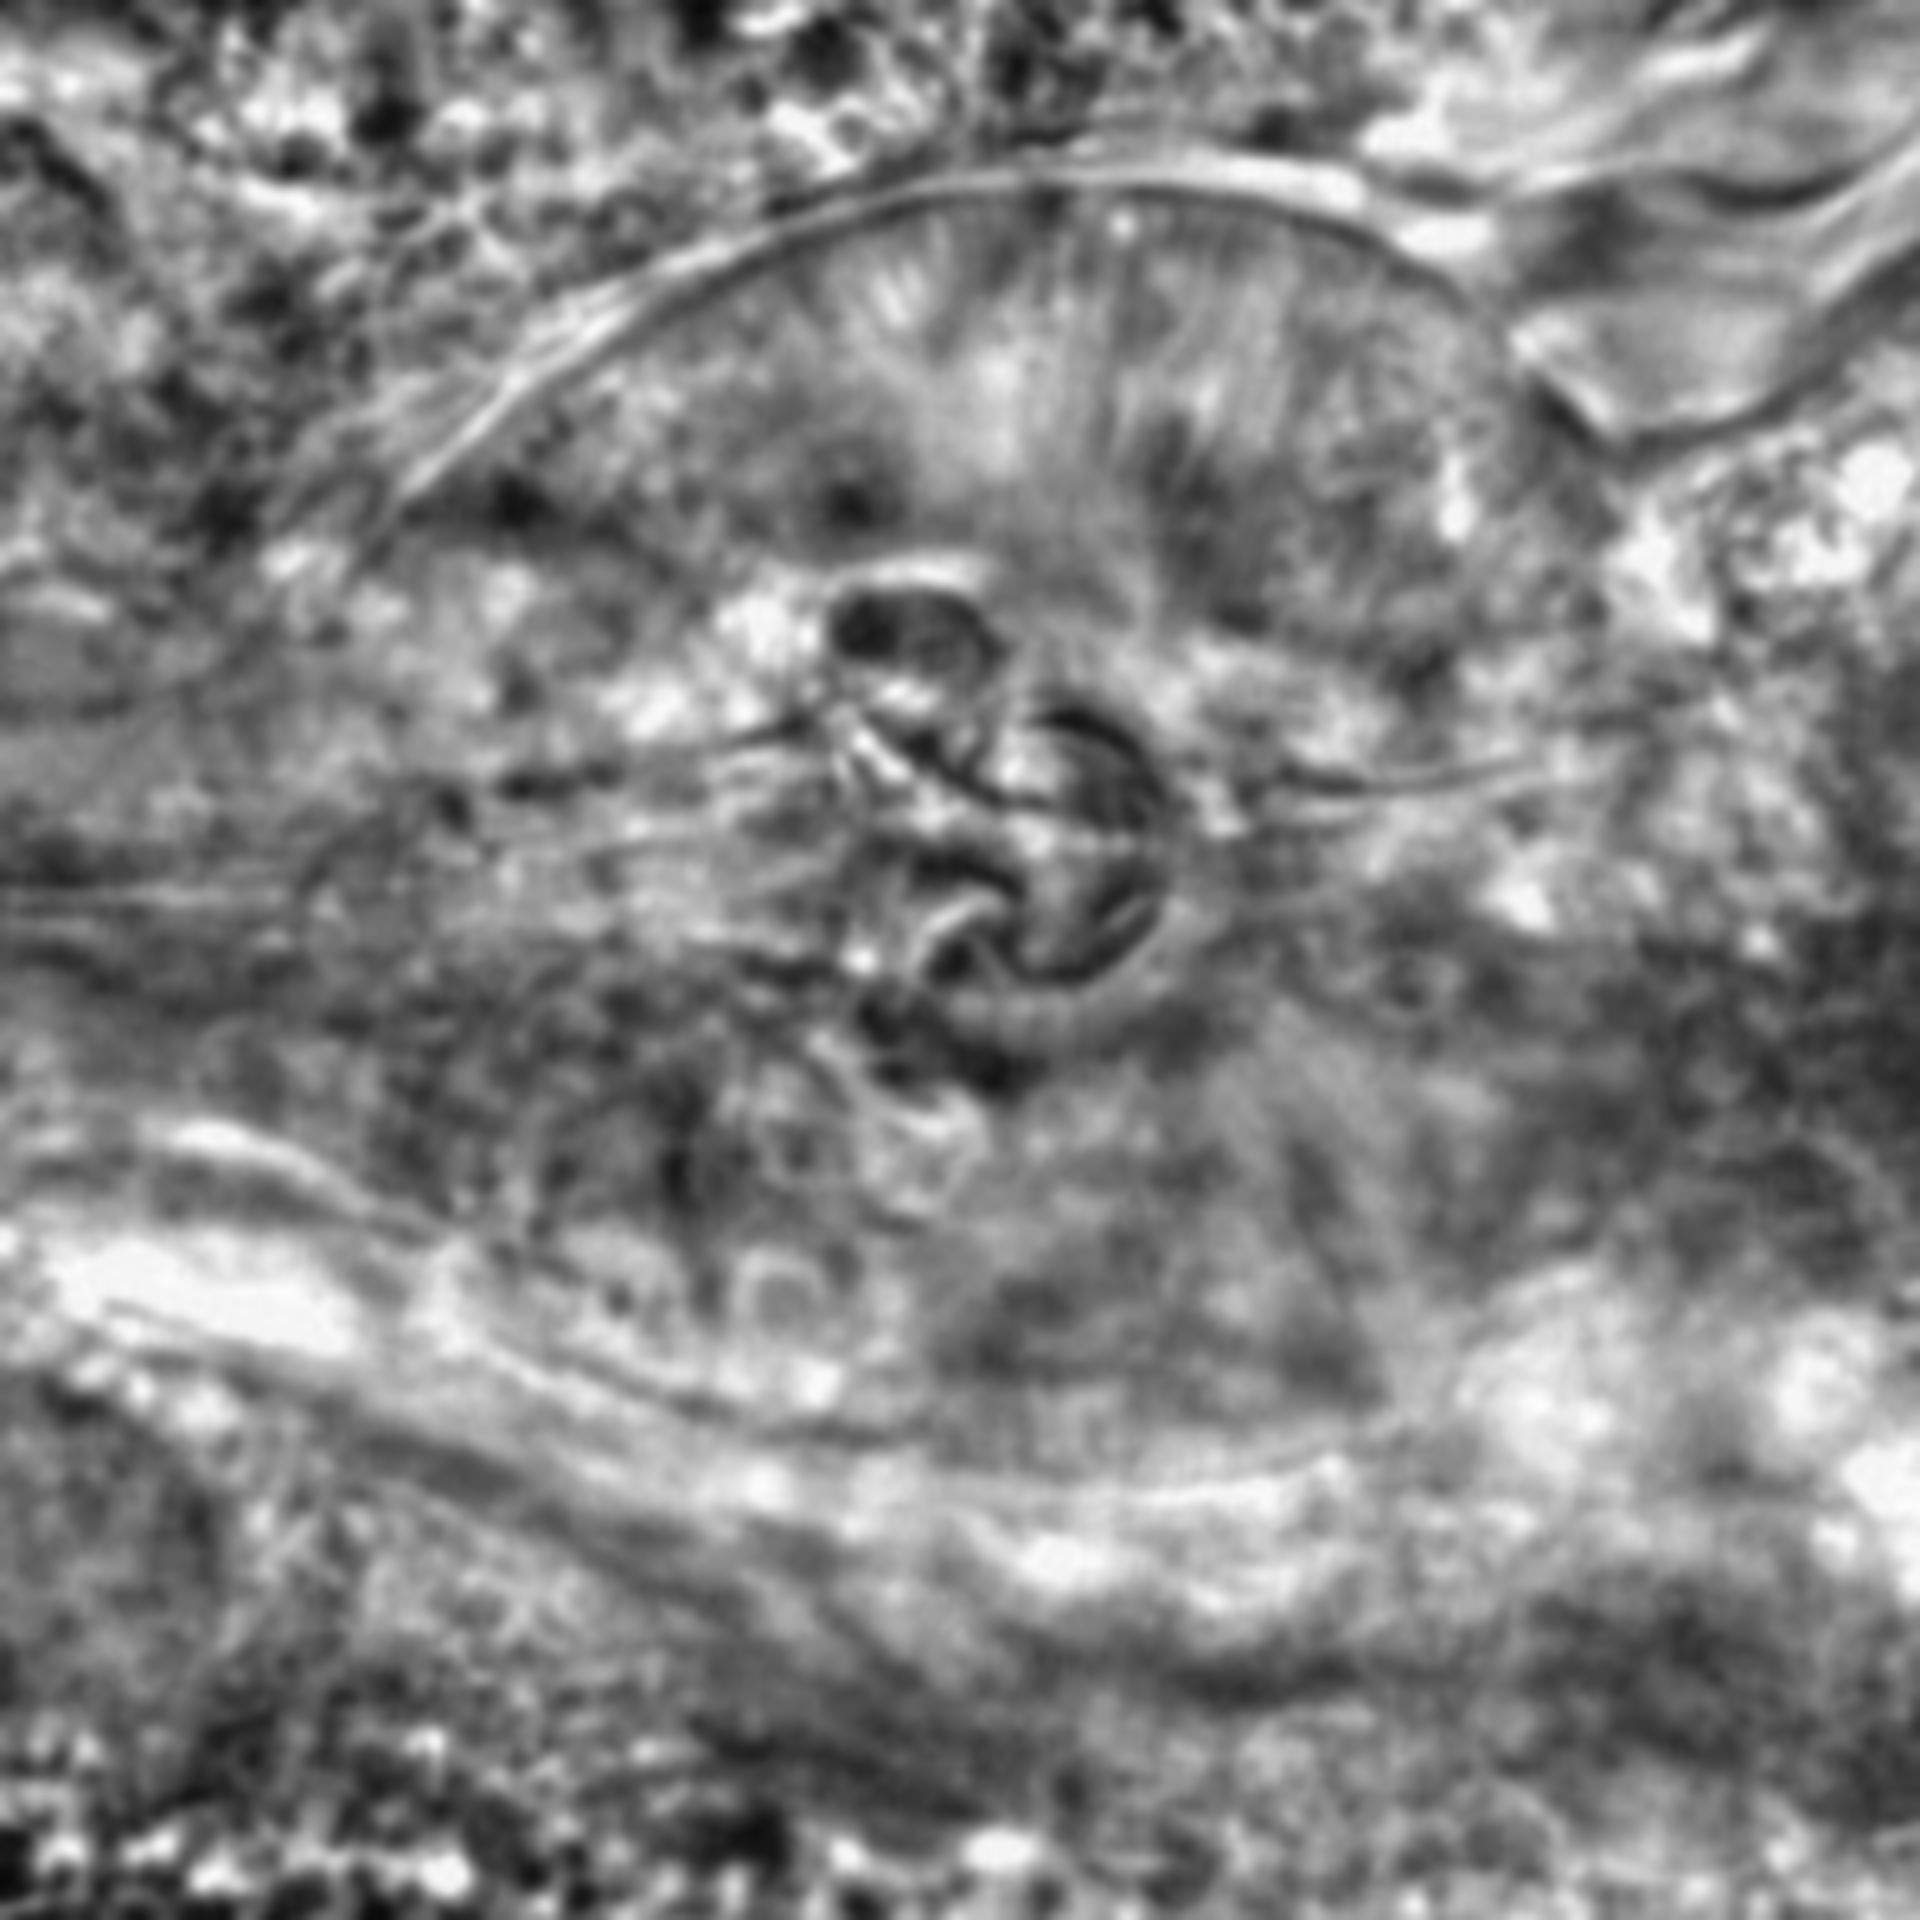 Caenorhabditis elegans - CIL:2125